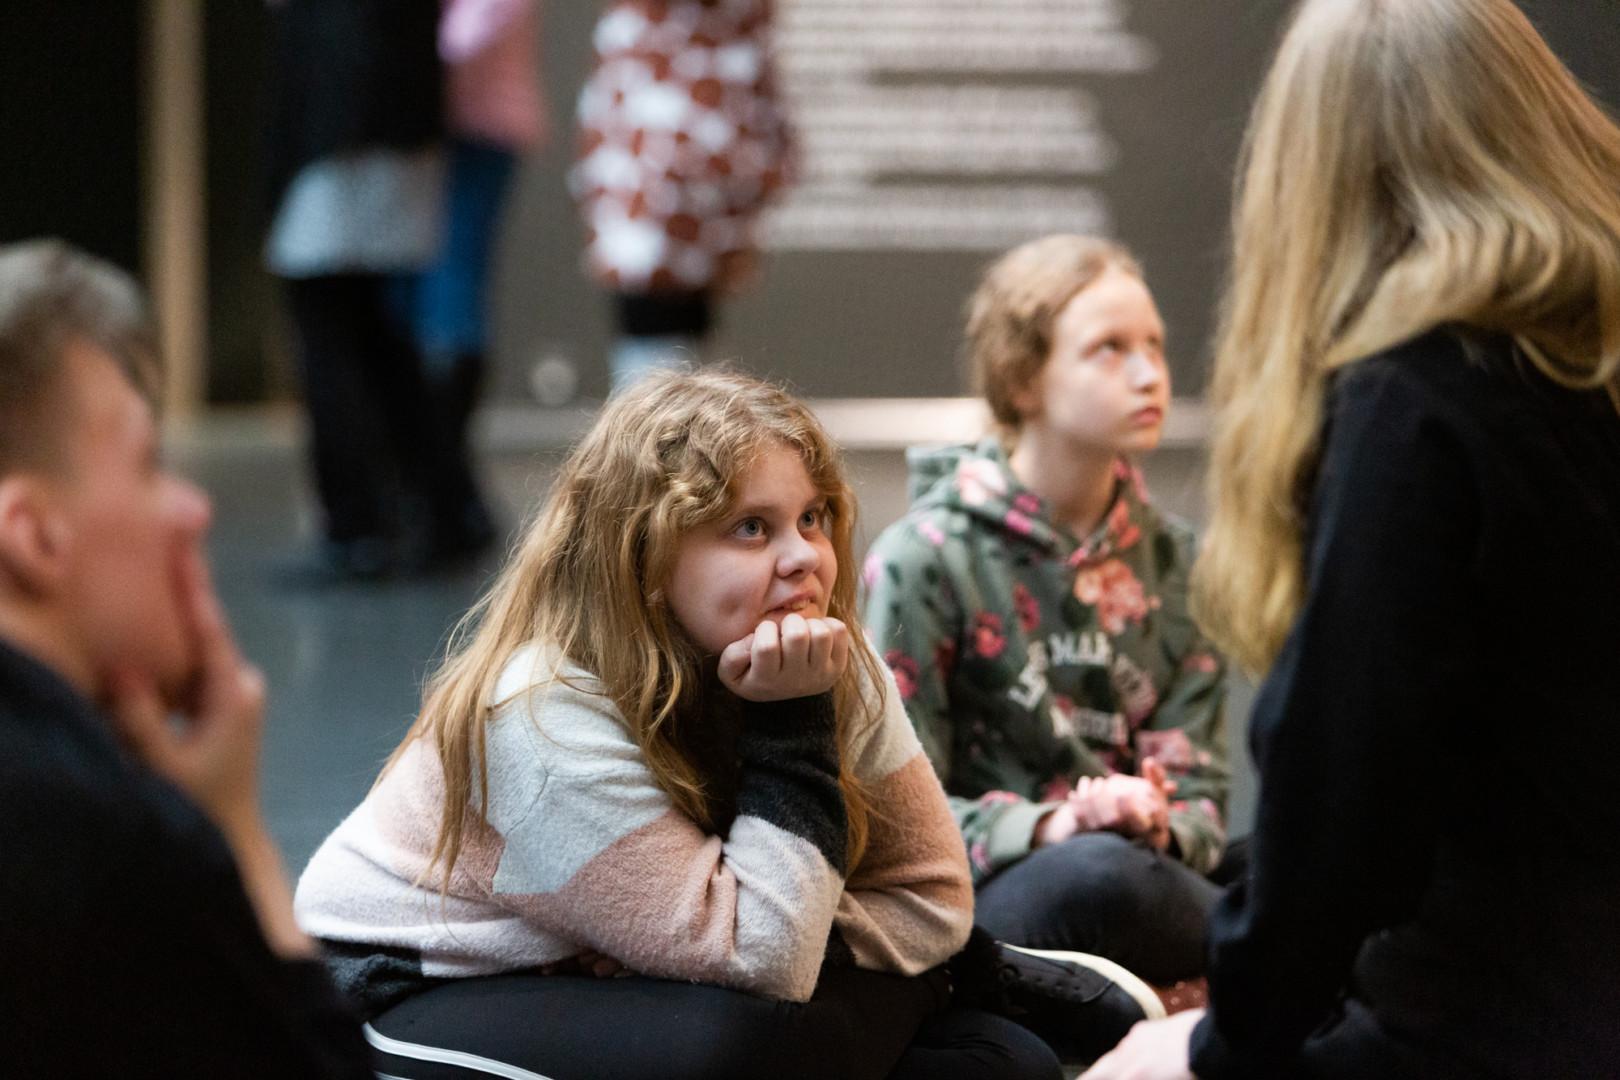 En grupp ungdomar som sitter på en konstutställning på golvet. Flickan som sitter mitt på bilden lyssnar uppmärksamt.